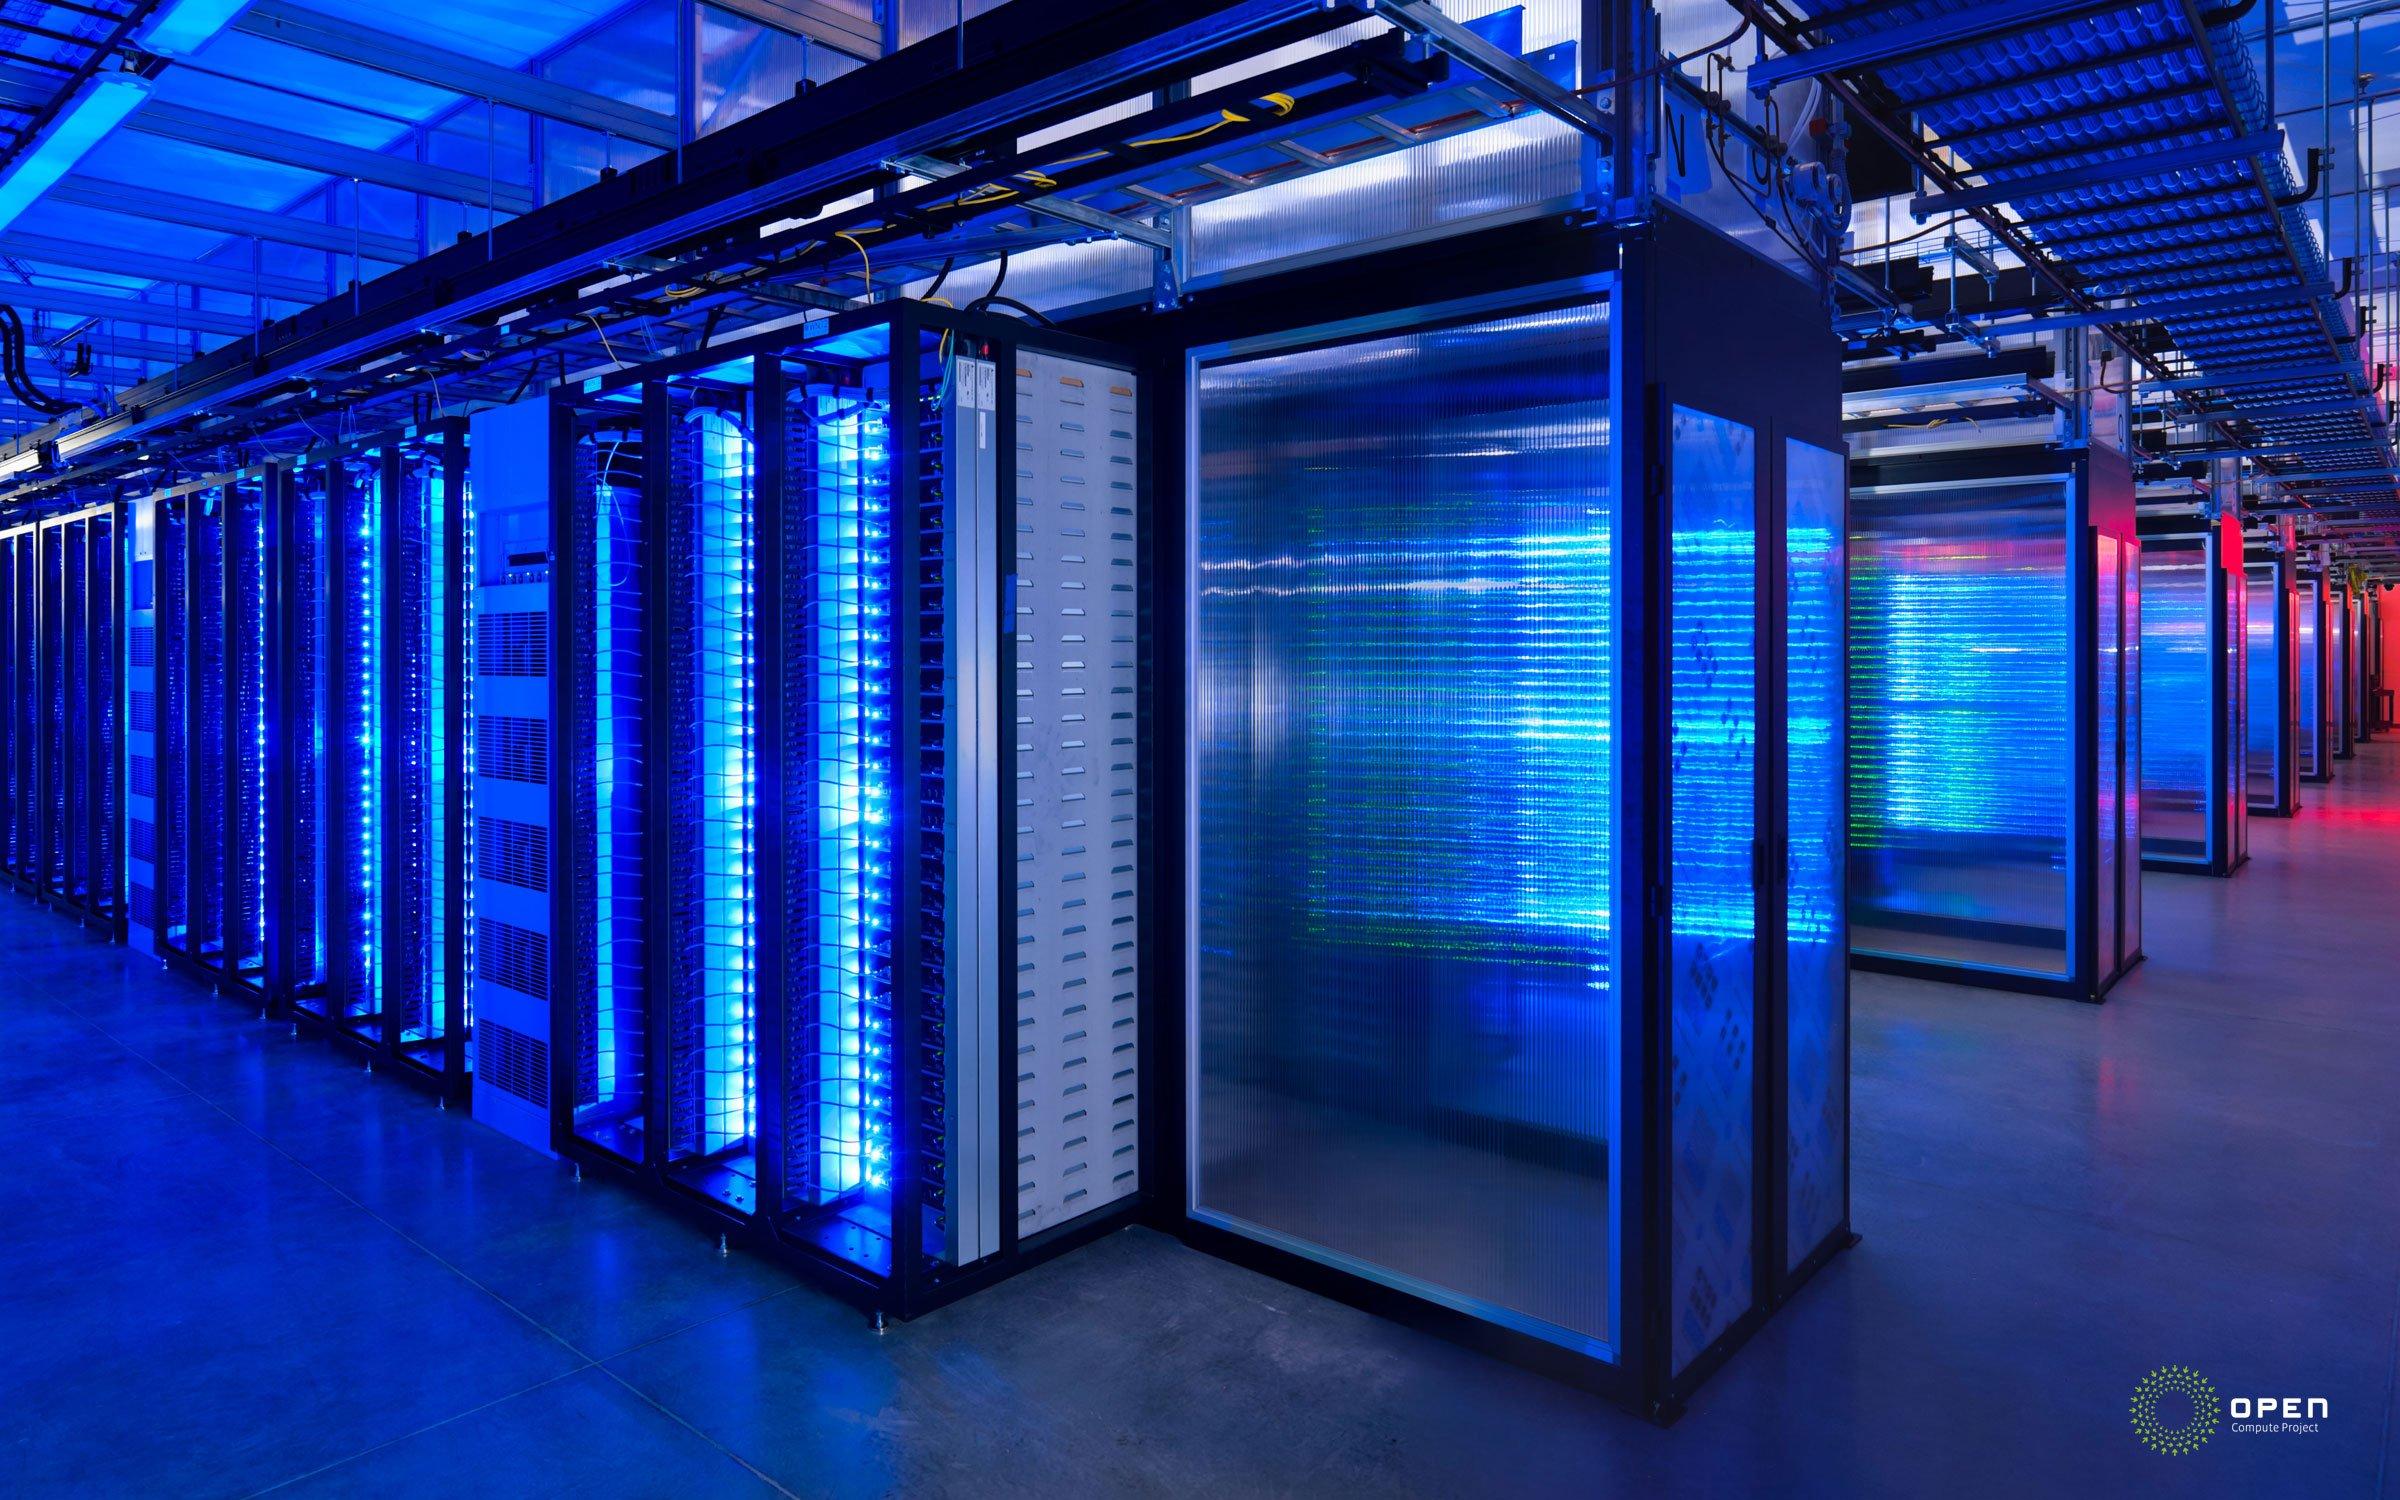 Απειλούνται τα δεδομένα μας στο cloud από τις ΗΠΑ;